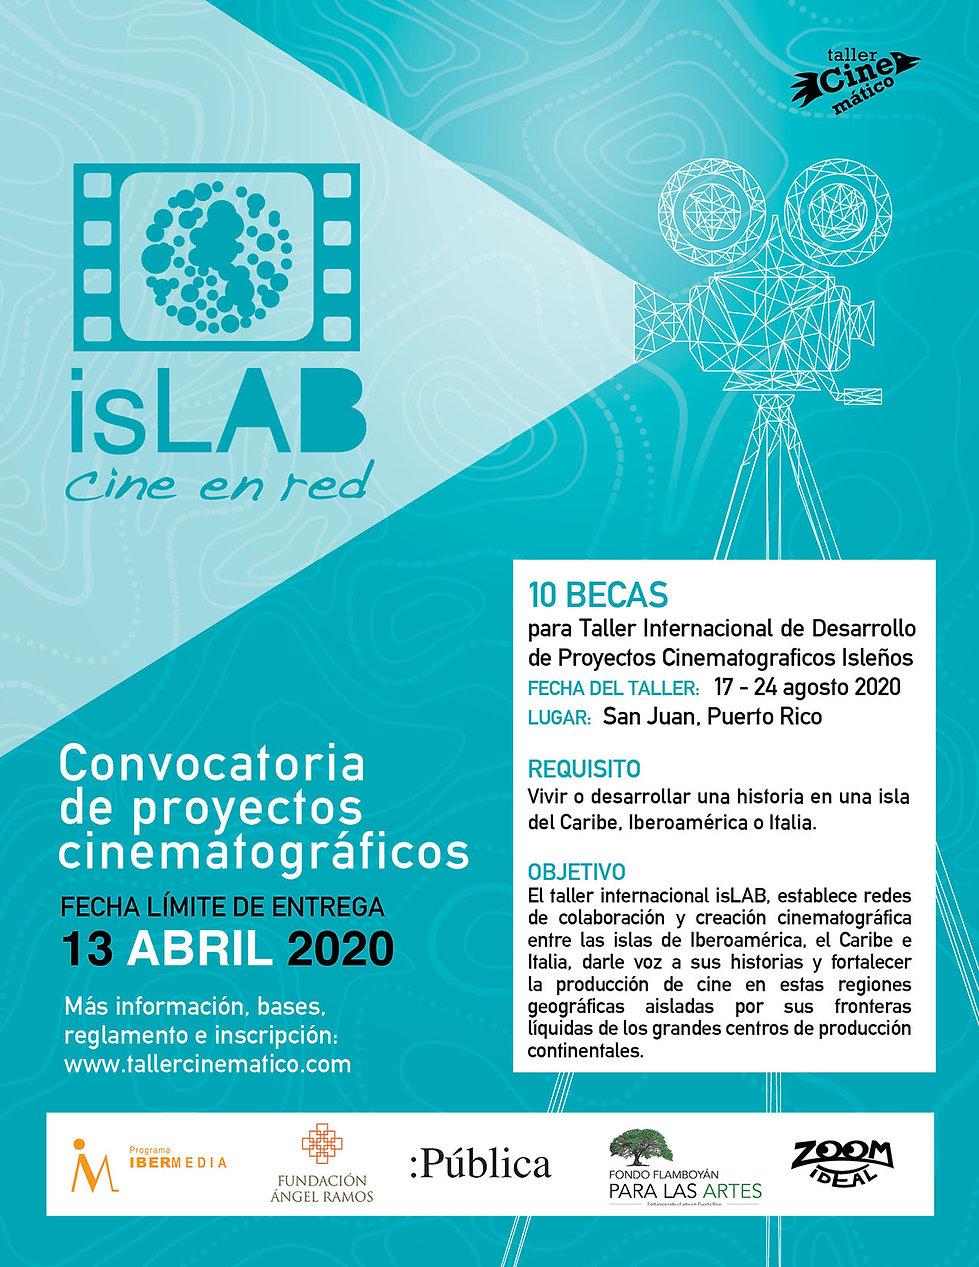 isLAB_2020_03.jpg